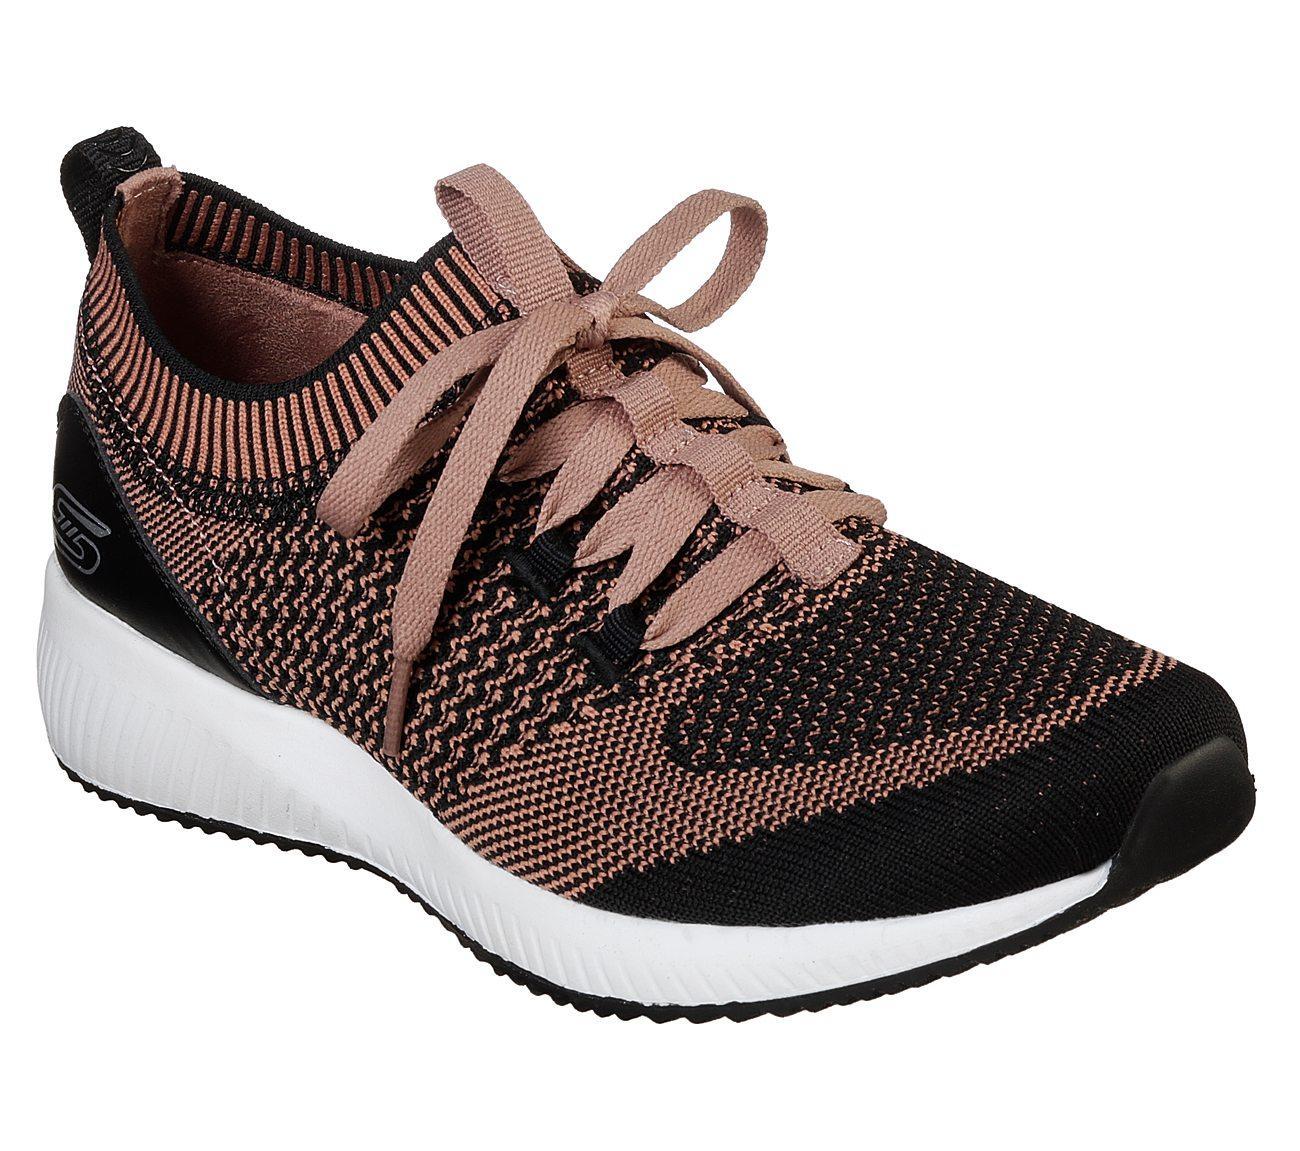 Skechers - Bobs Sport Squad - Alpha Gal Sepatu Sneakers Wanita - Hitam 3f22c4672f